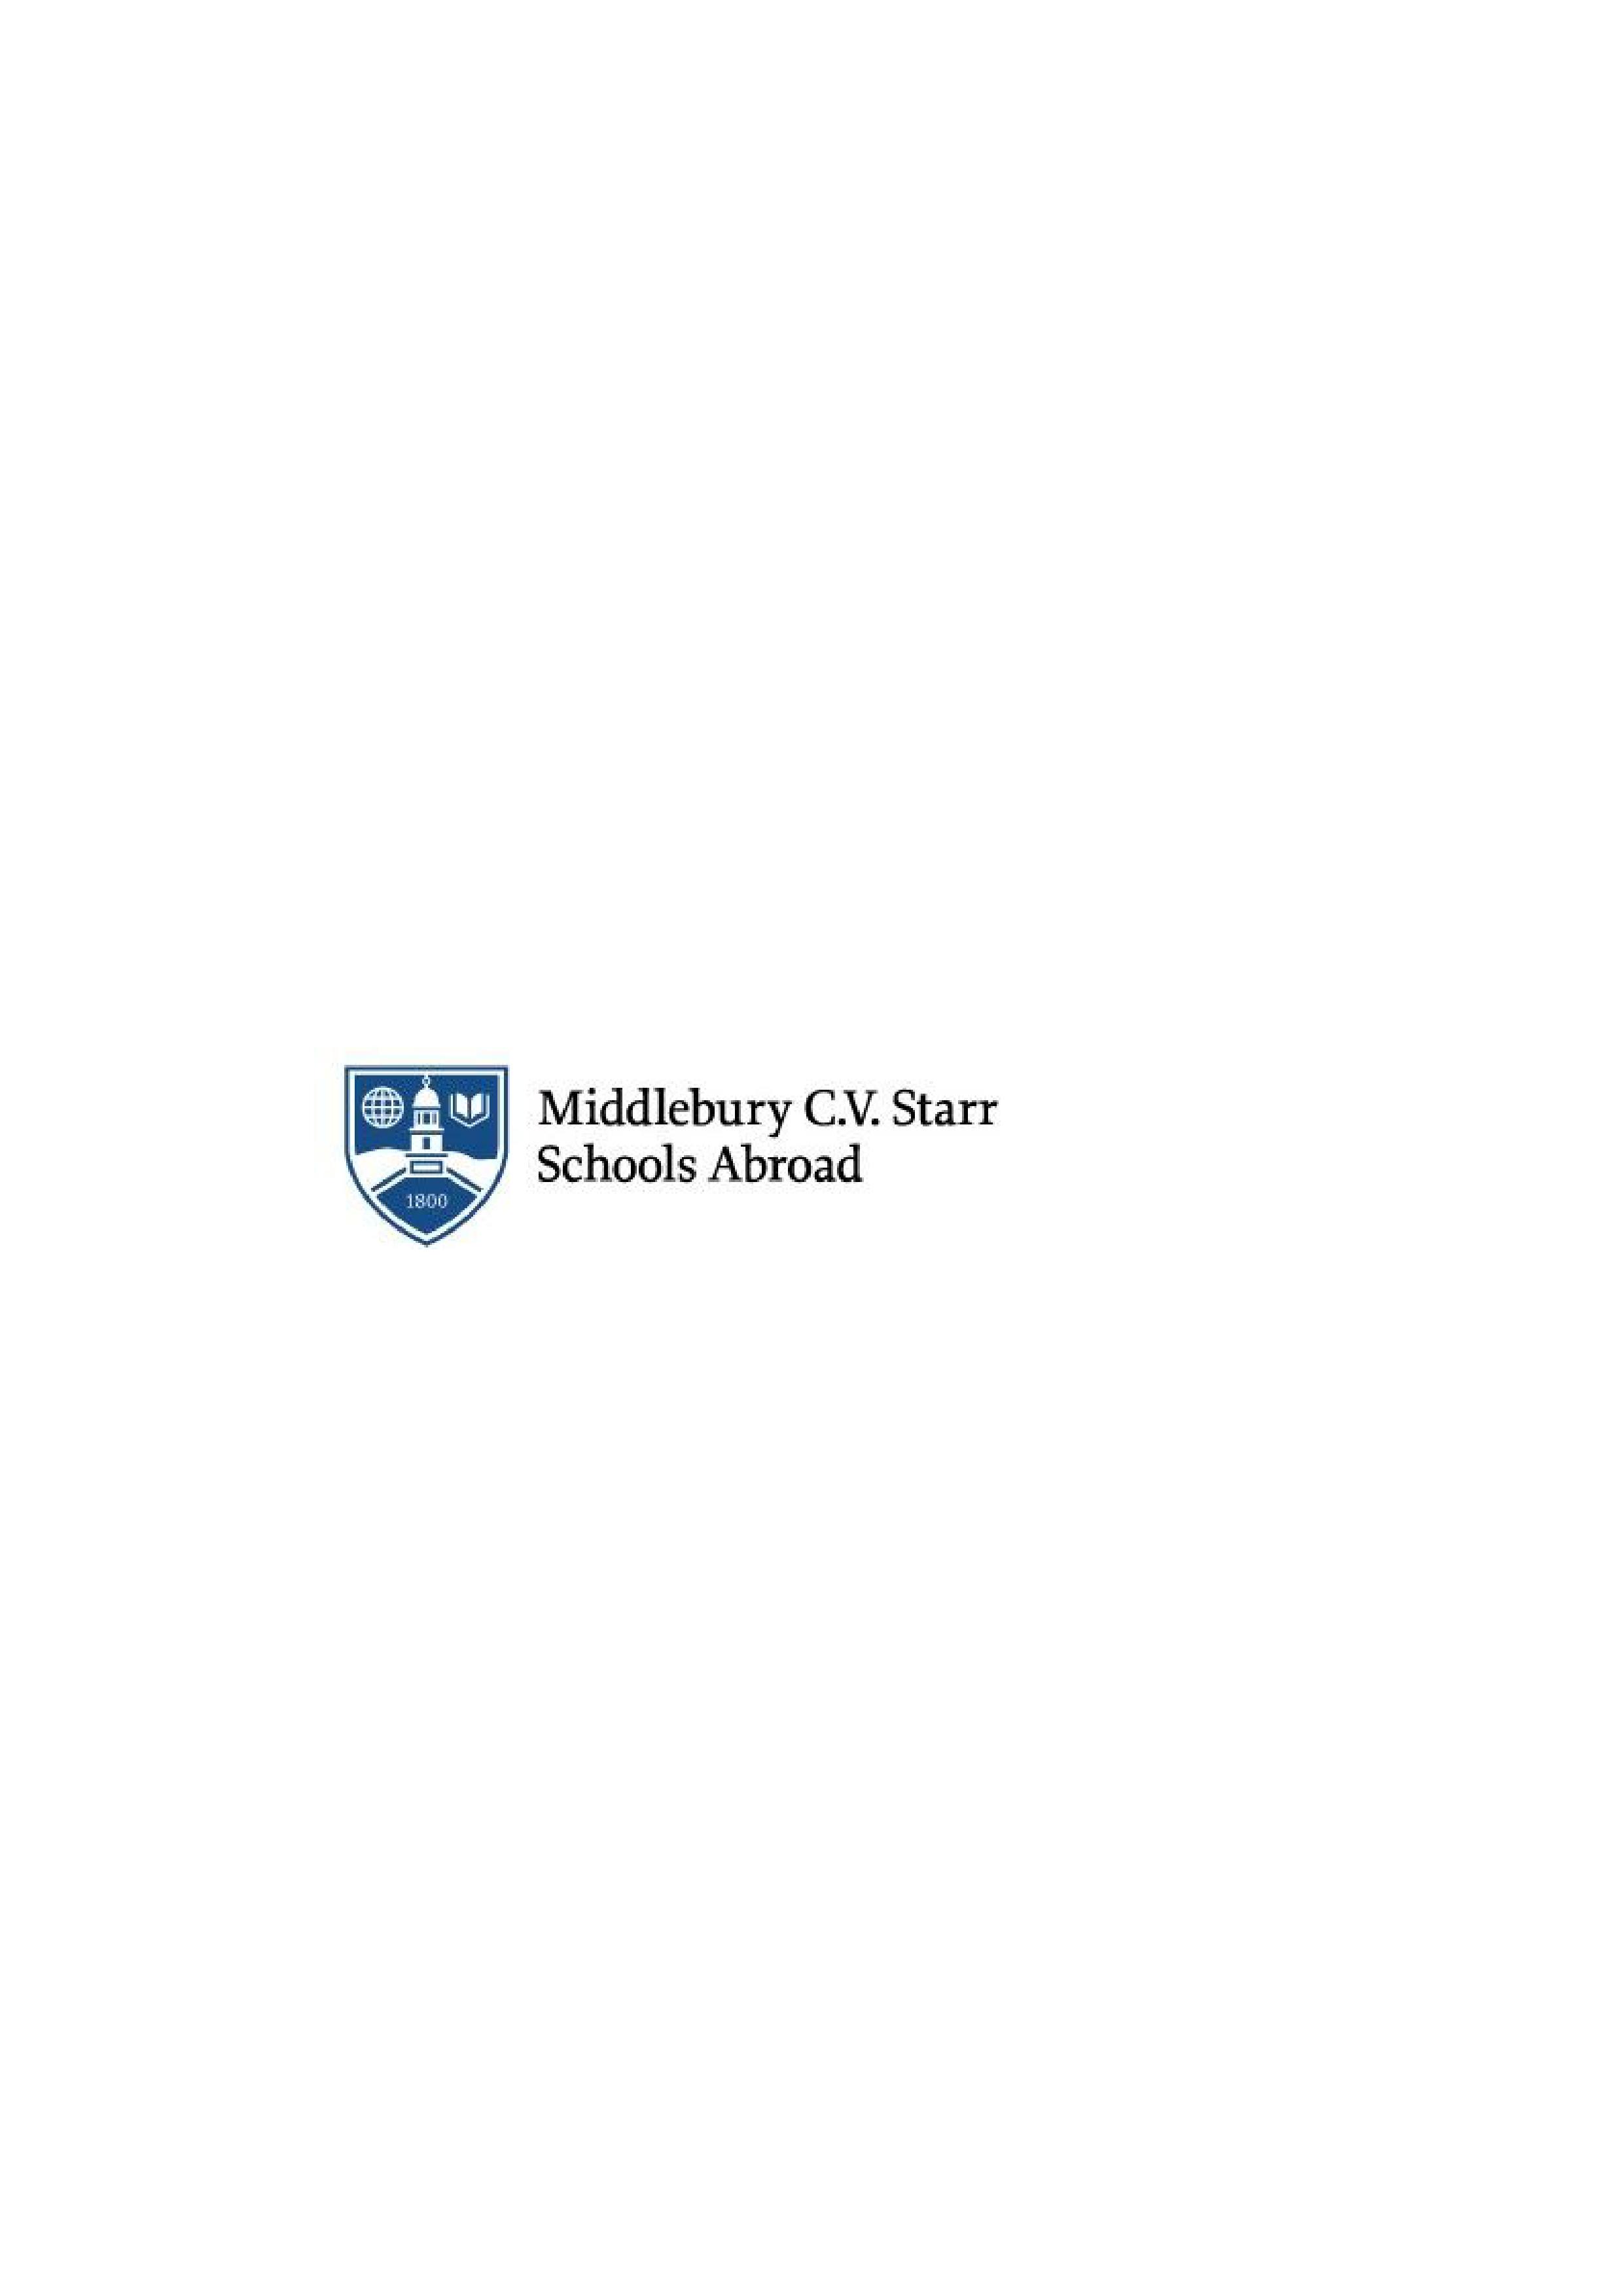 Tutor_innen zur akademischen Betreuung internationaler Studierender gesucht - Middlebury CV Starr School in Germany - Logo